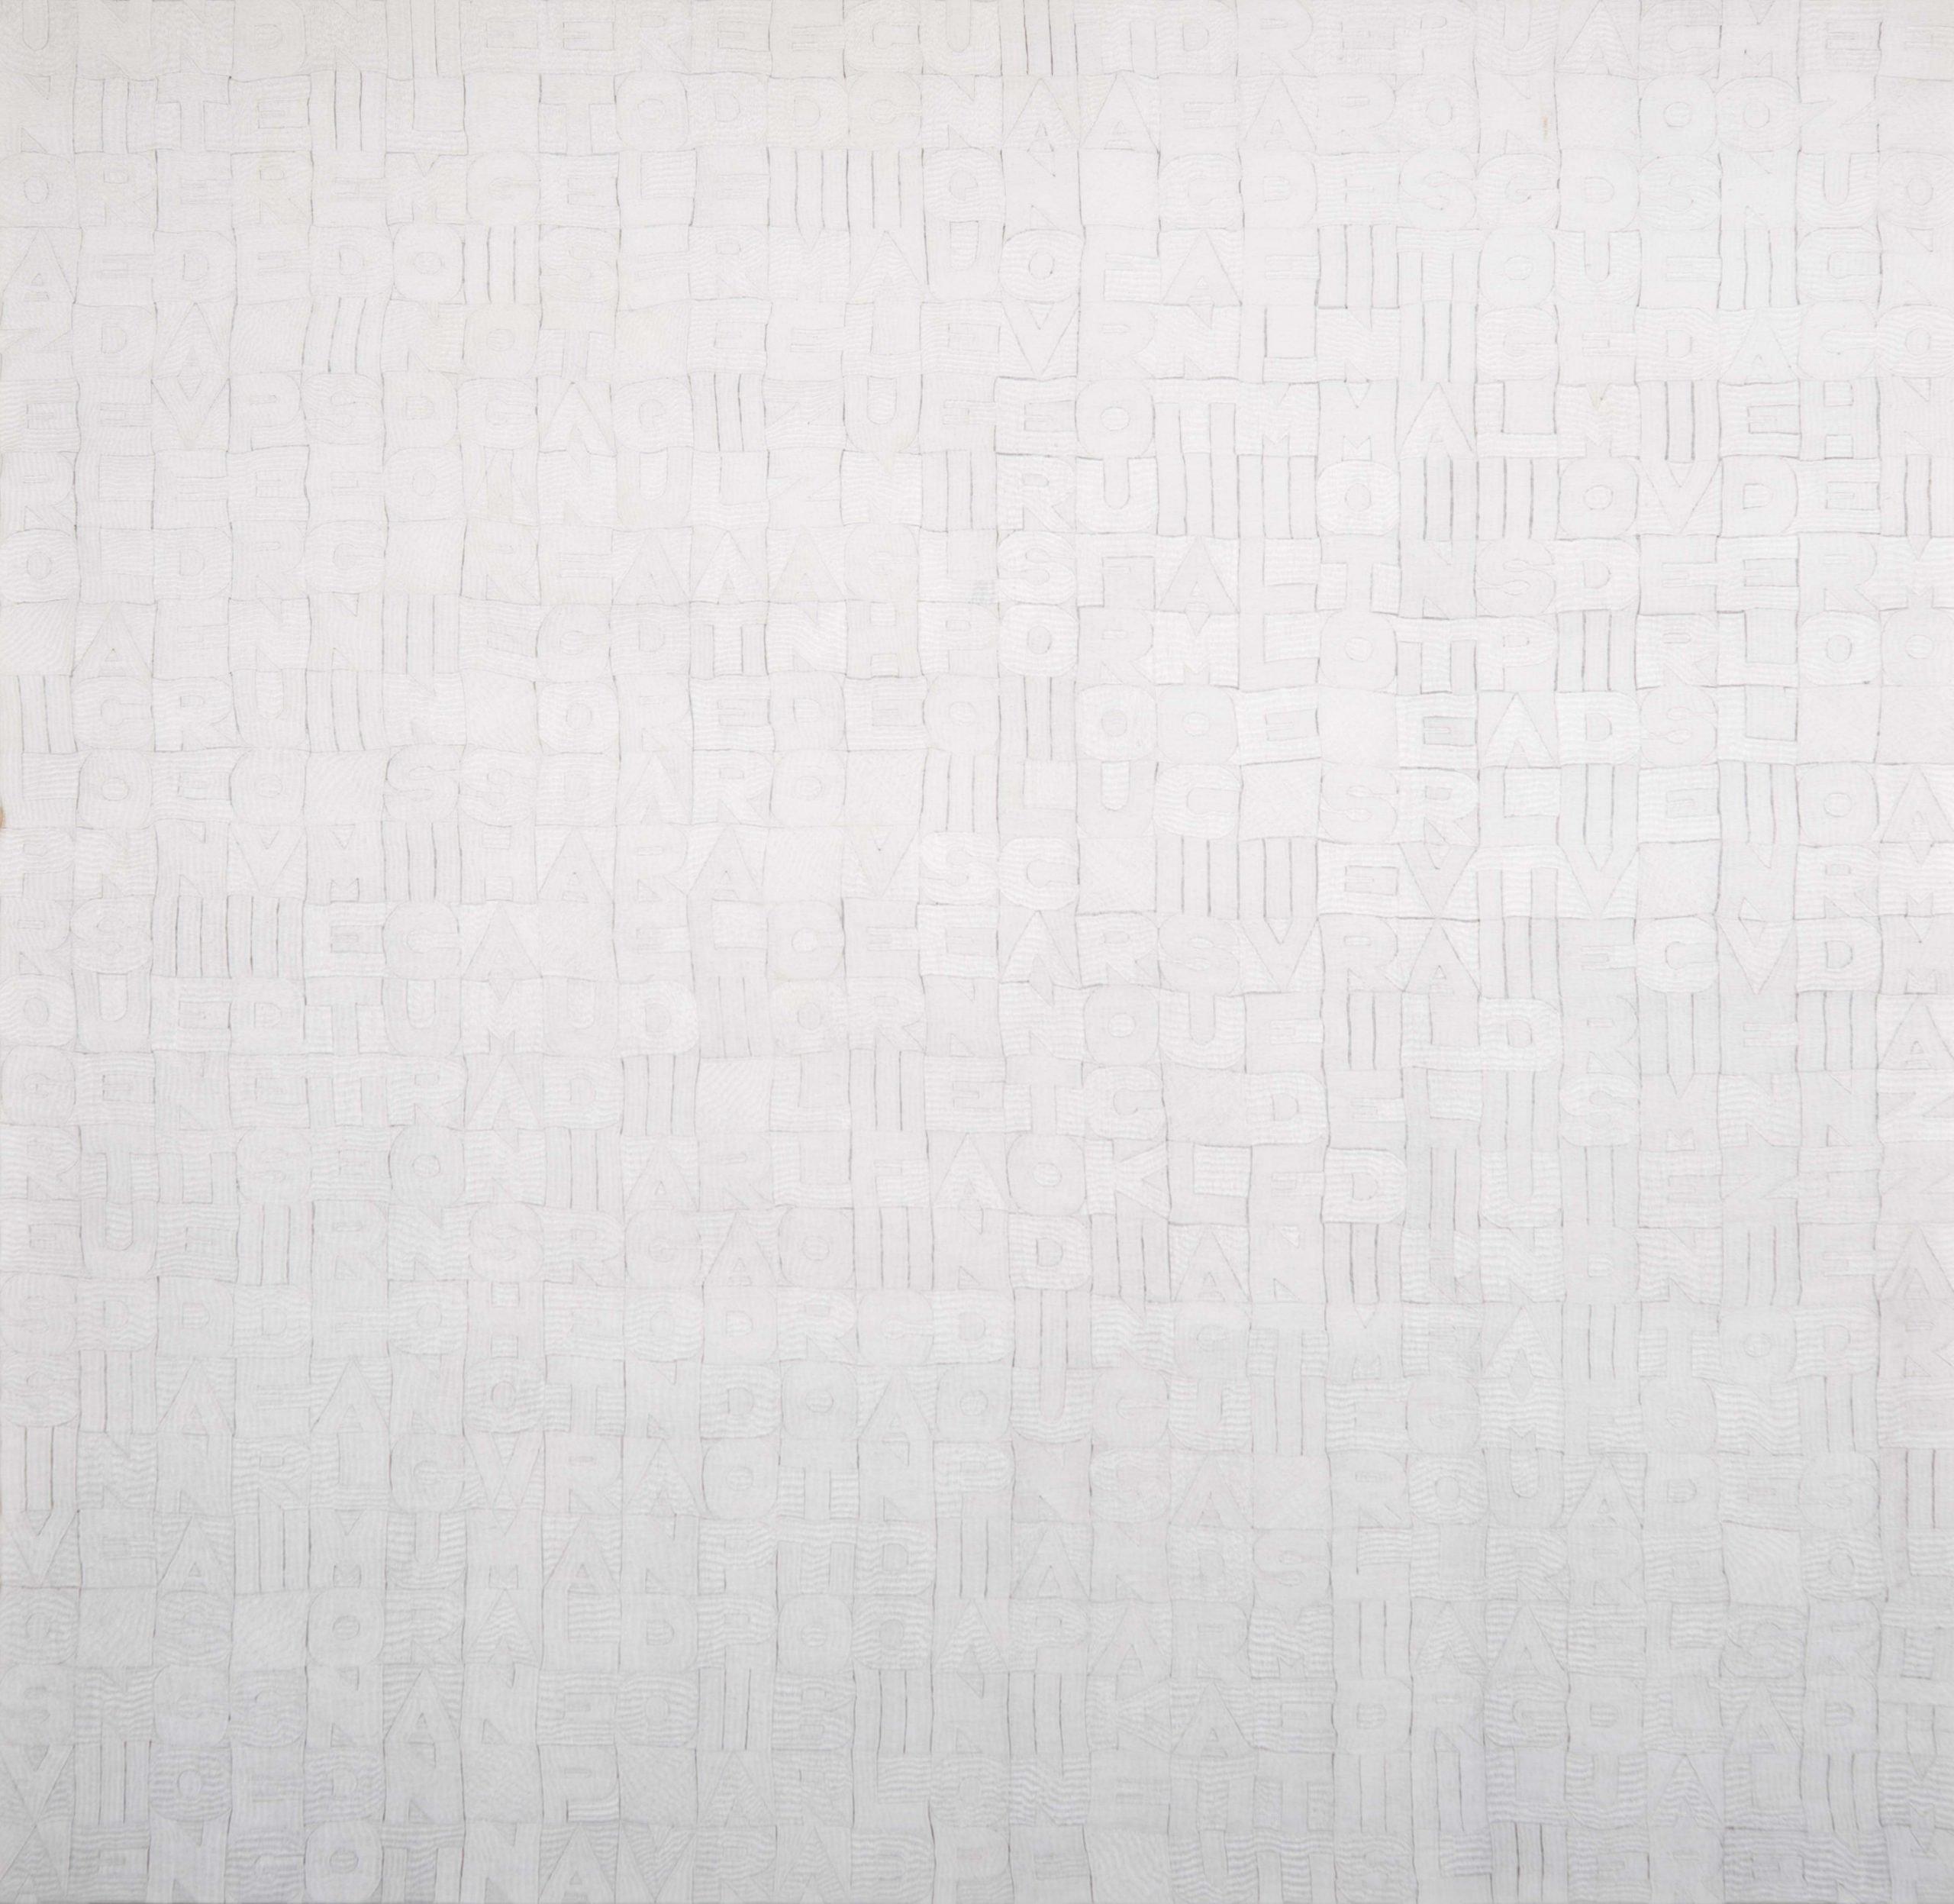 Alighiero Boetti, Titoli, 1978, broderie sur tissu, 172x178 cm